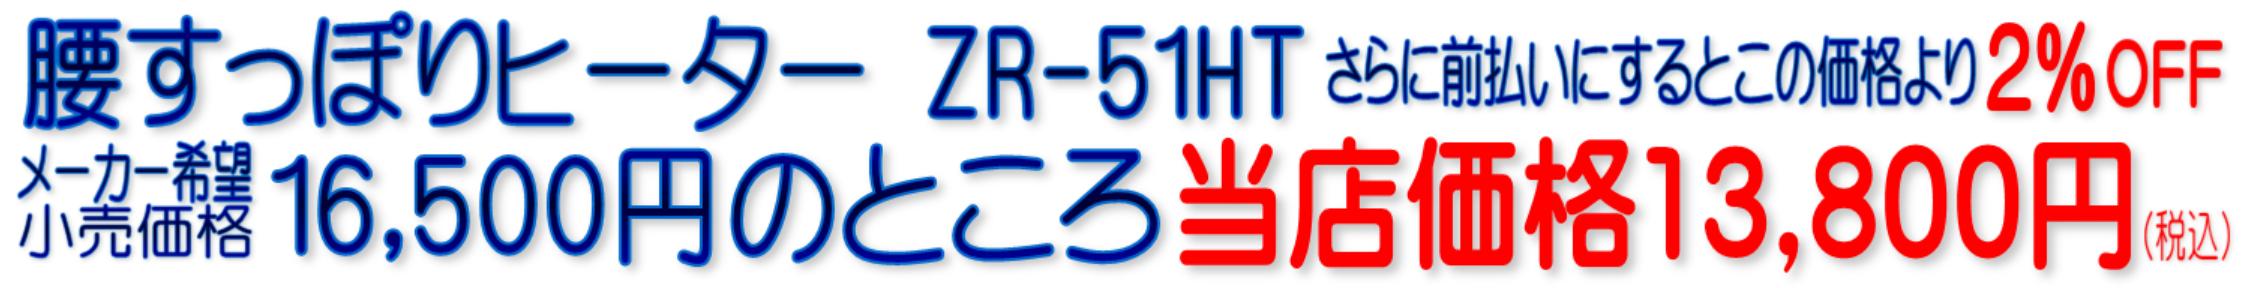 腰すっぽりヒーター ZR-51HT